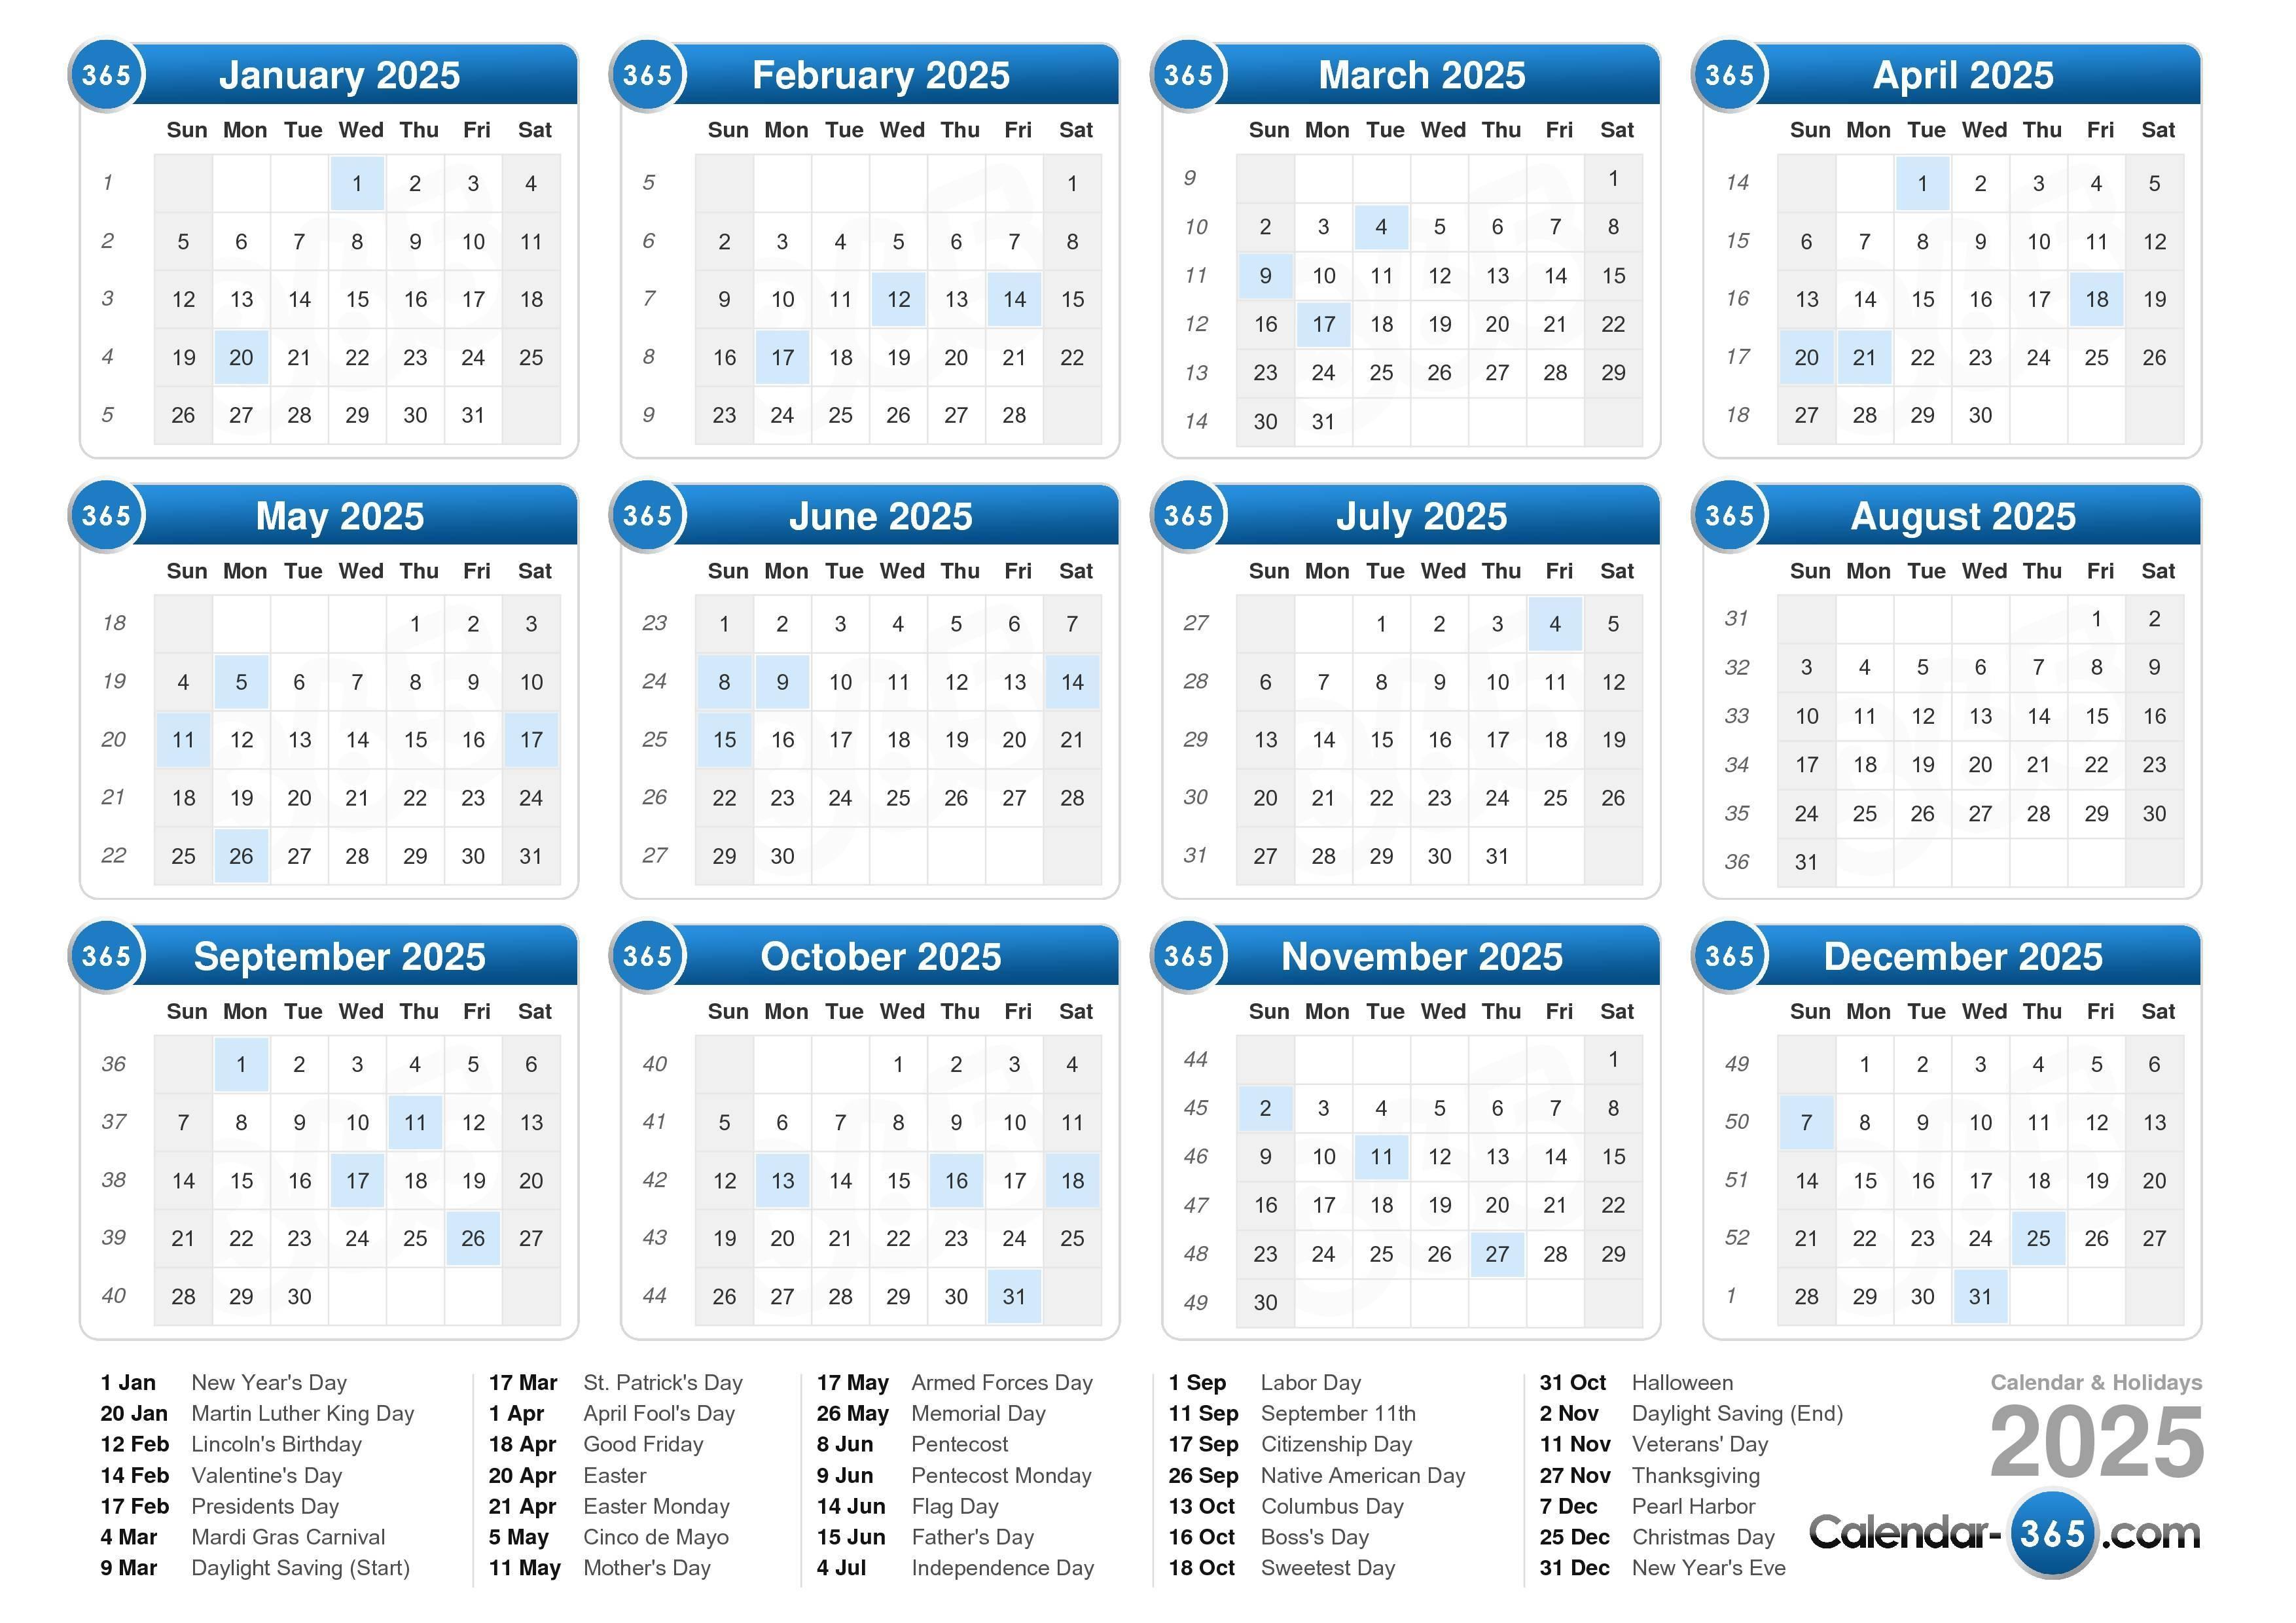 Online Calendar 2025 With Week Numbers